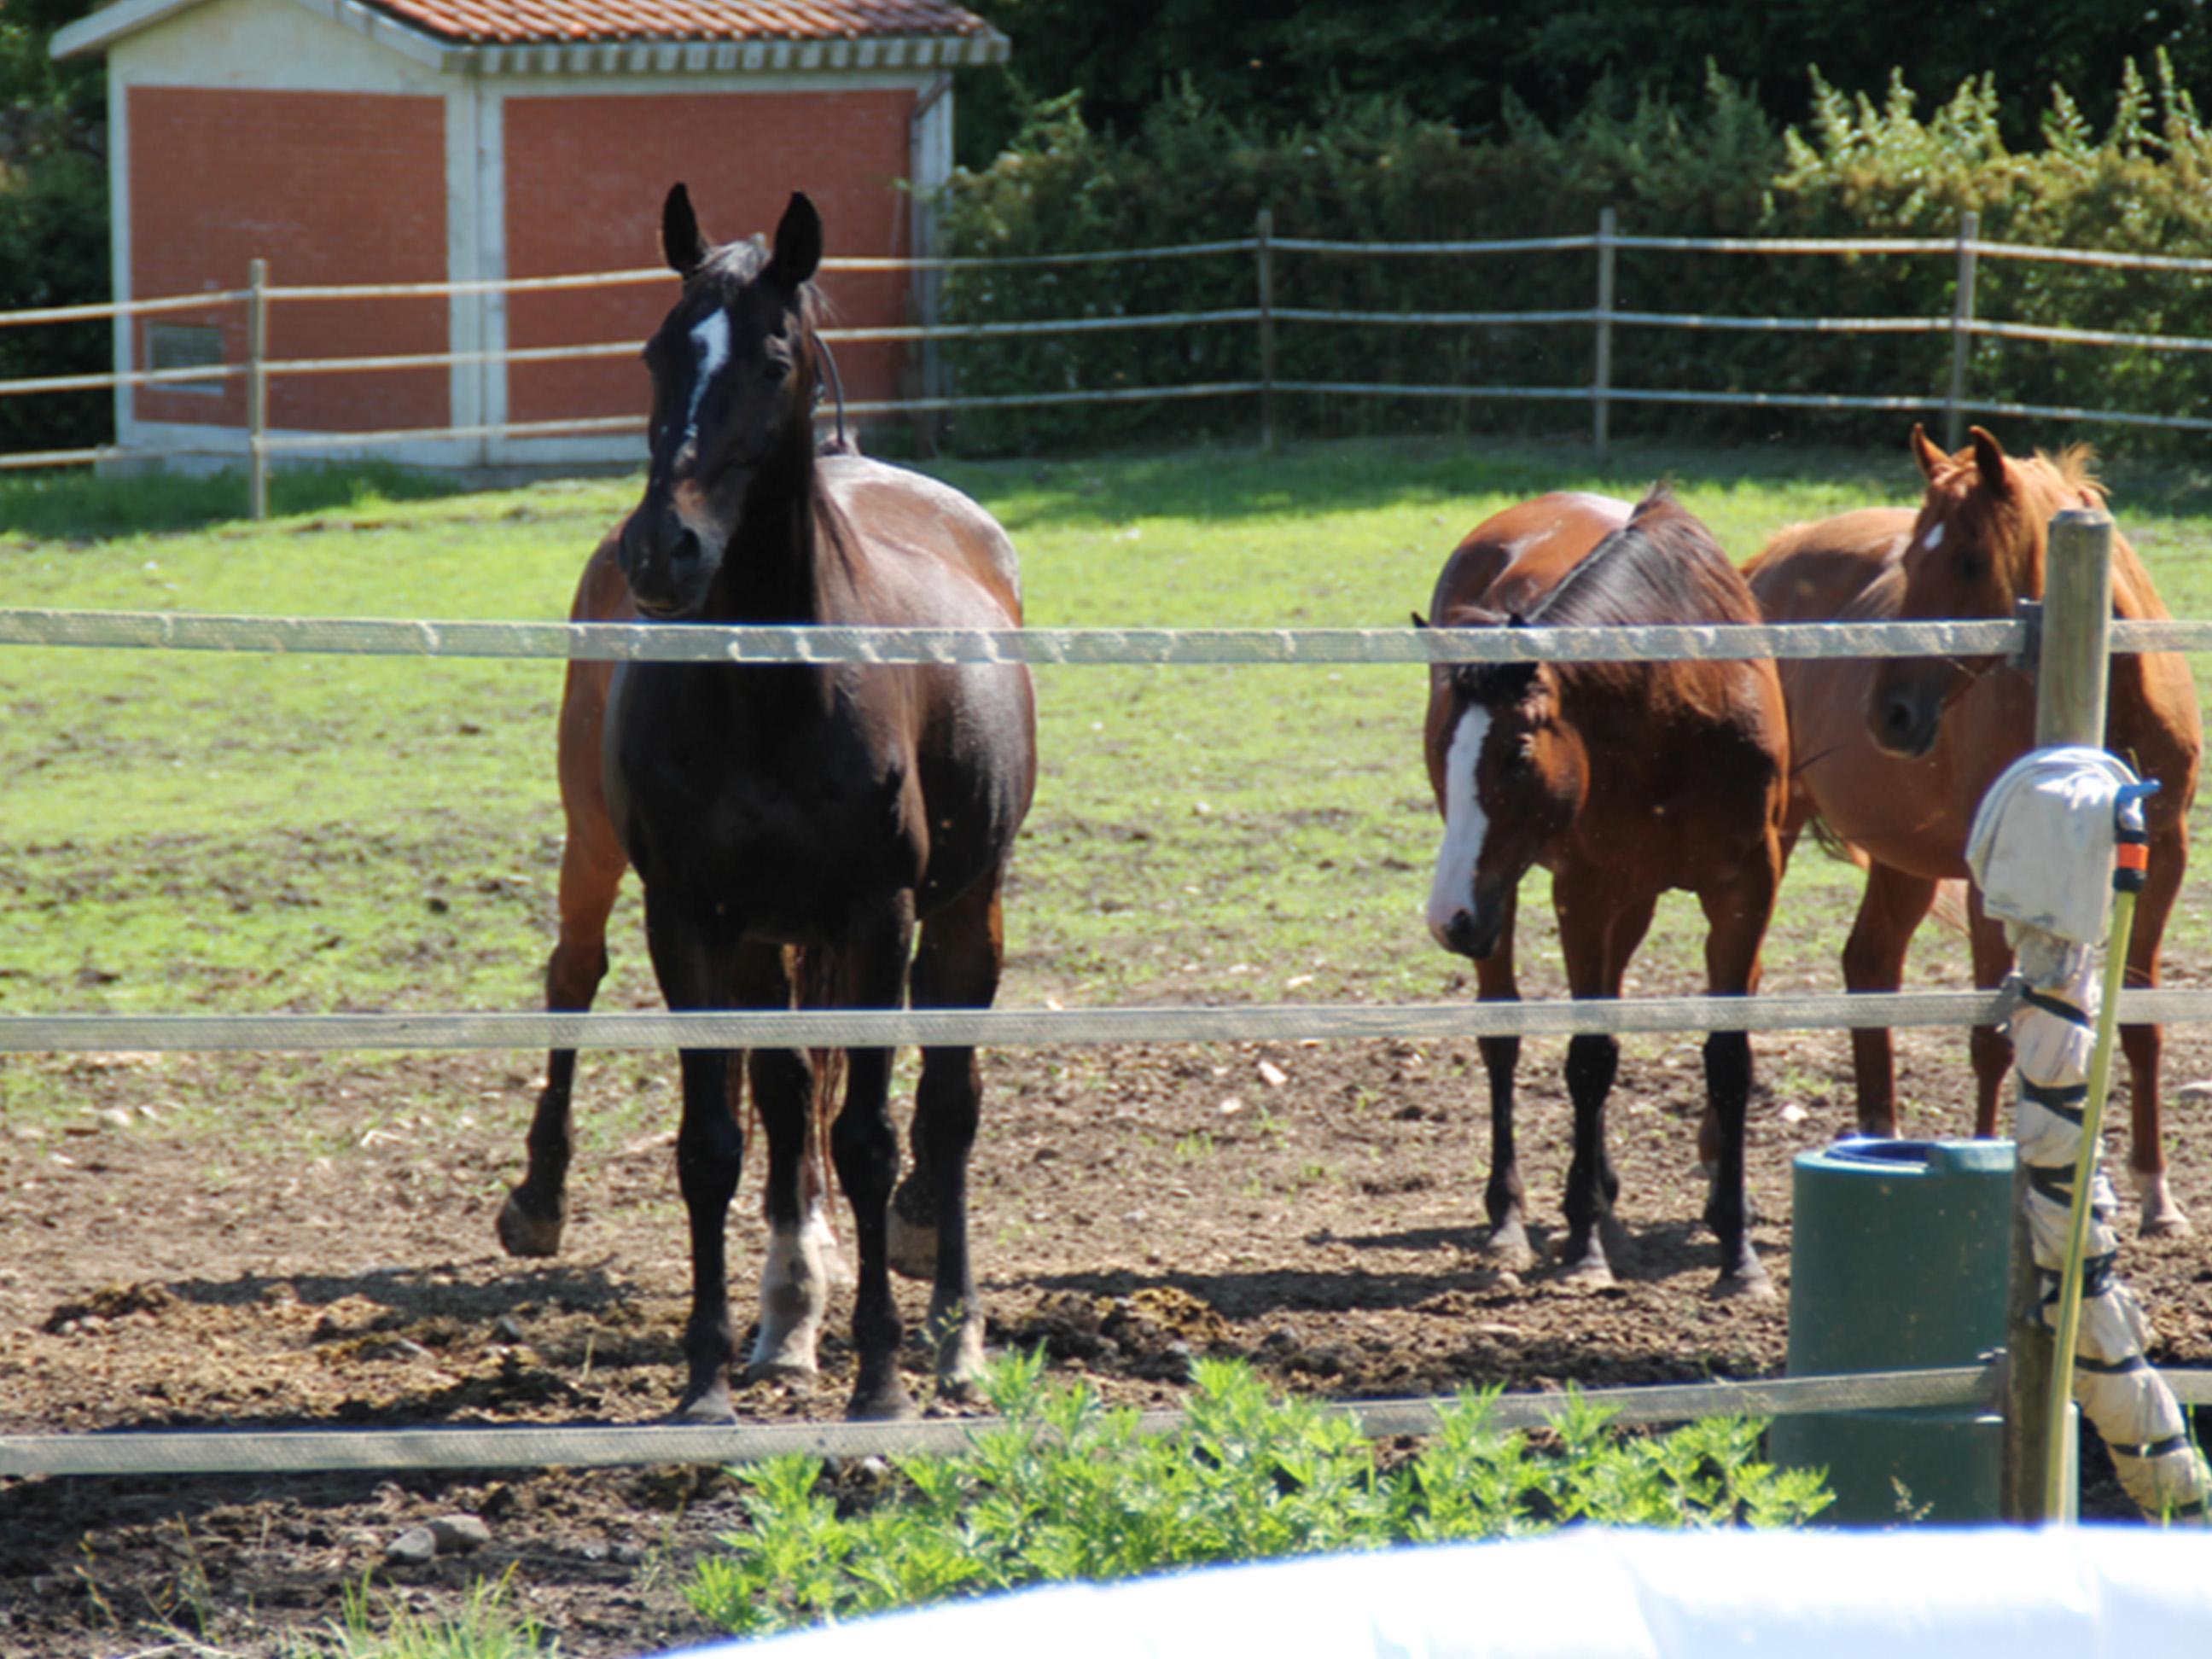 scuola_equitazione_pony_centro_ippico_la_fonda_varese_0007_630